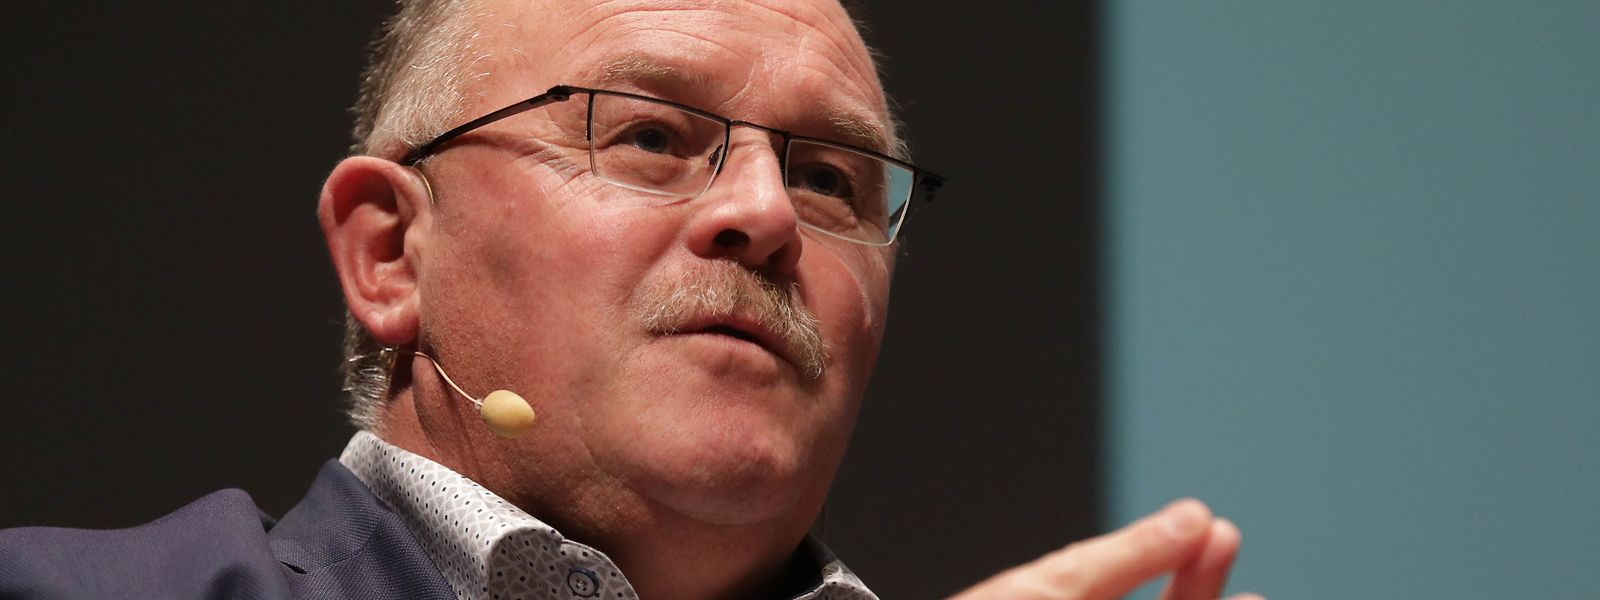 Landwirtschaftsminister Romain Schneider sprach im Interview über die drohende Schweinepest und die Kritik, die ihm vom Kärjenger Bürgermeister Michel Wolter über sein Vorgehen entgegenkam.